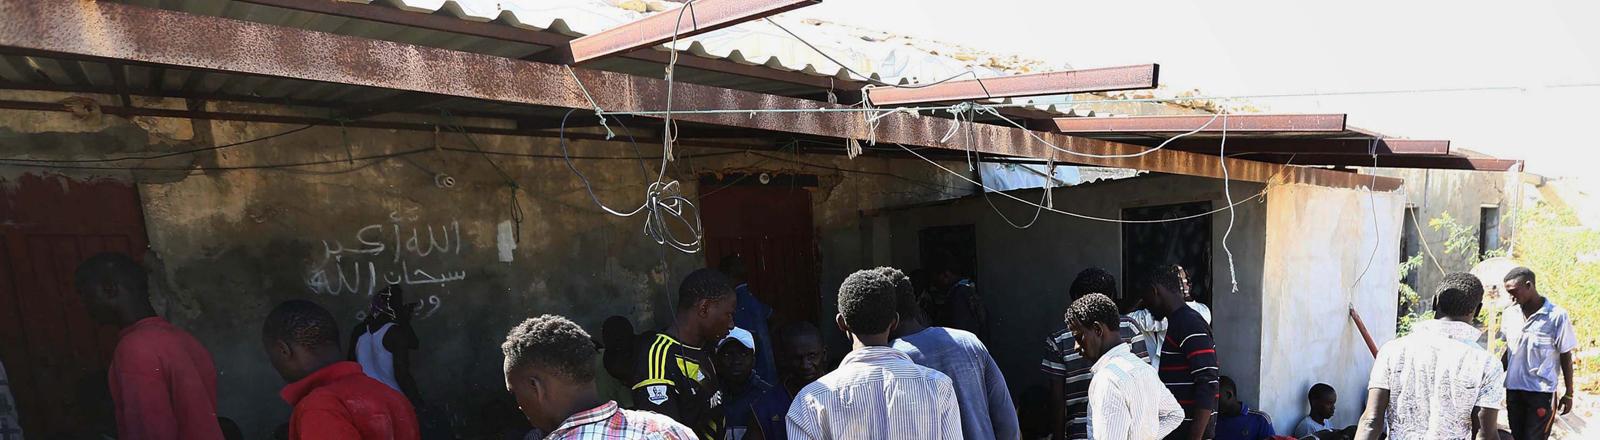 Von der Küstenwache aufgegriffene Flüchtlinge in Garabulli, Libyen